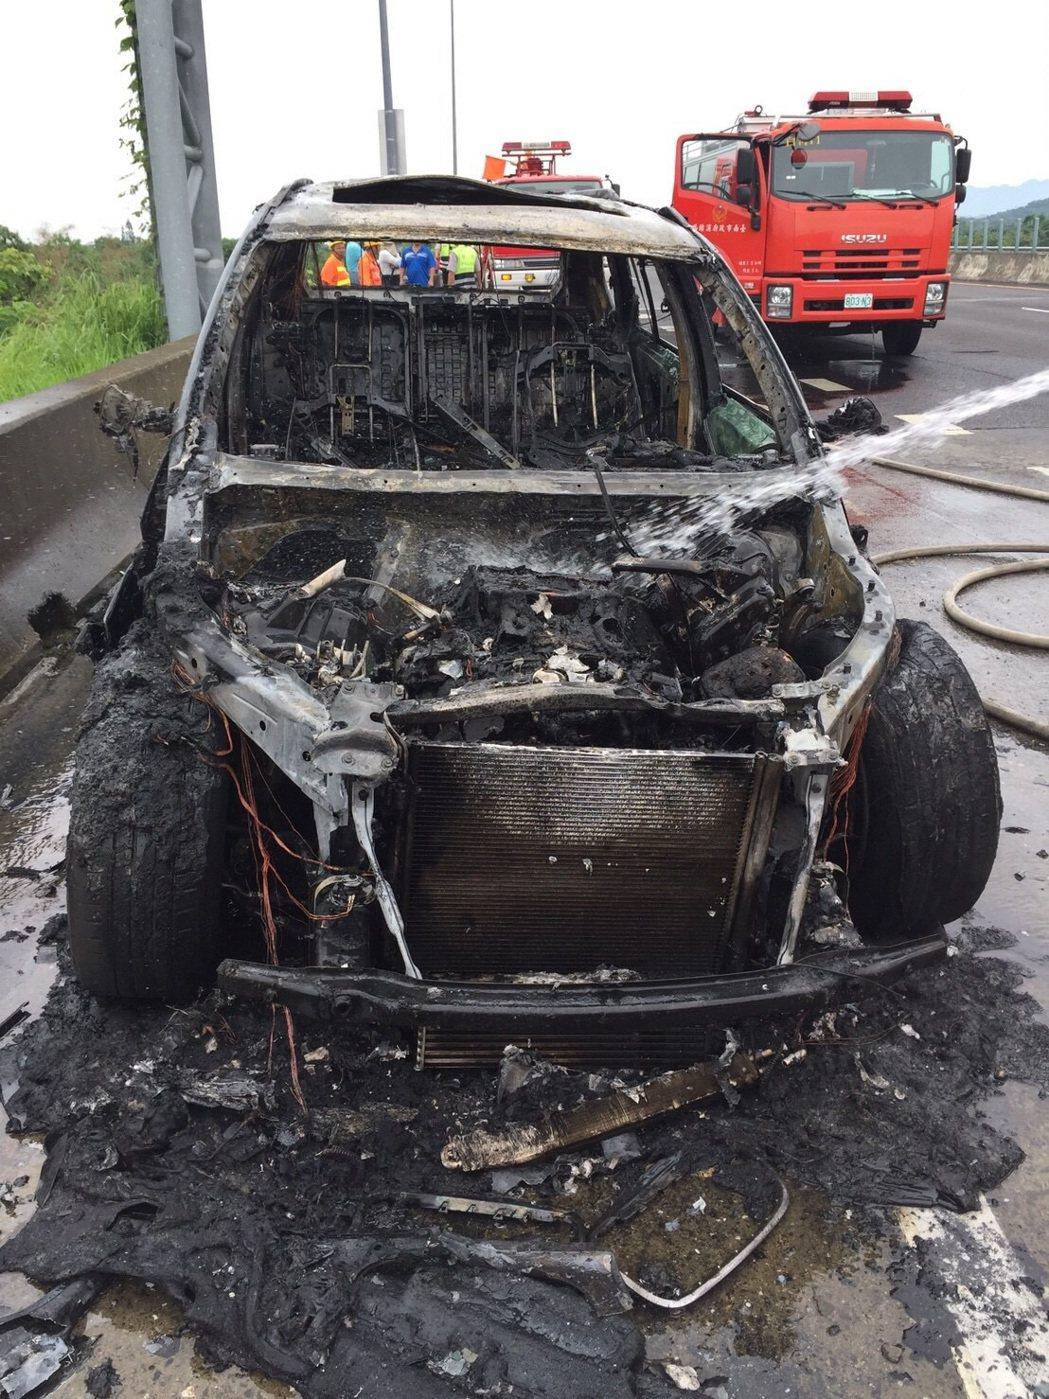 國道3號白河段火燒車,車子燒得面目全非。記者吳政修/翻攝